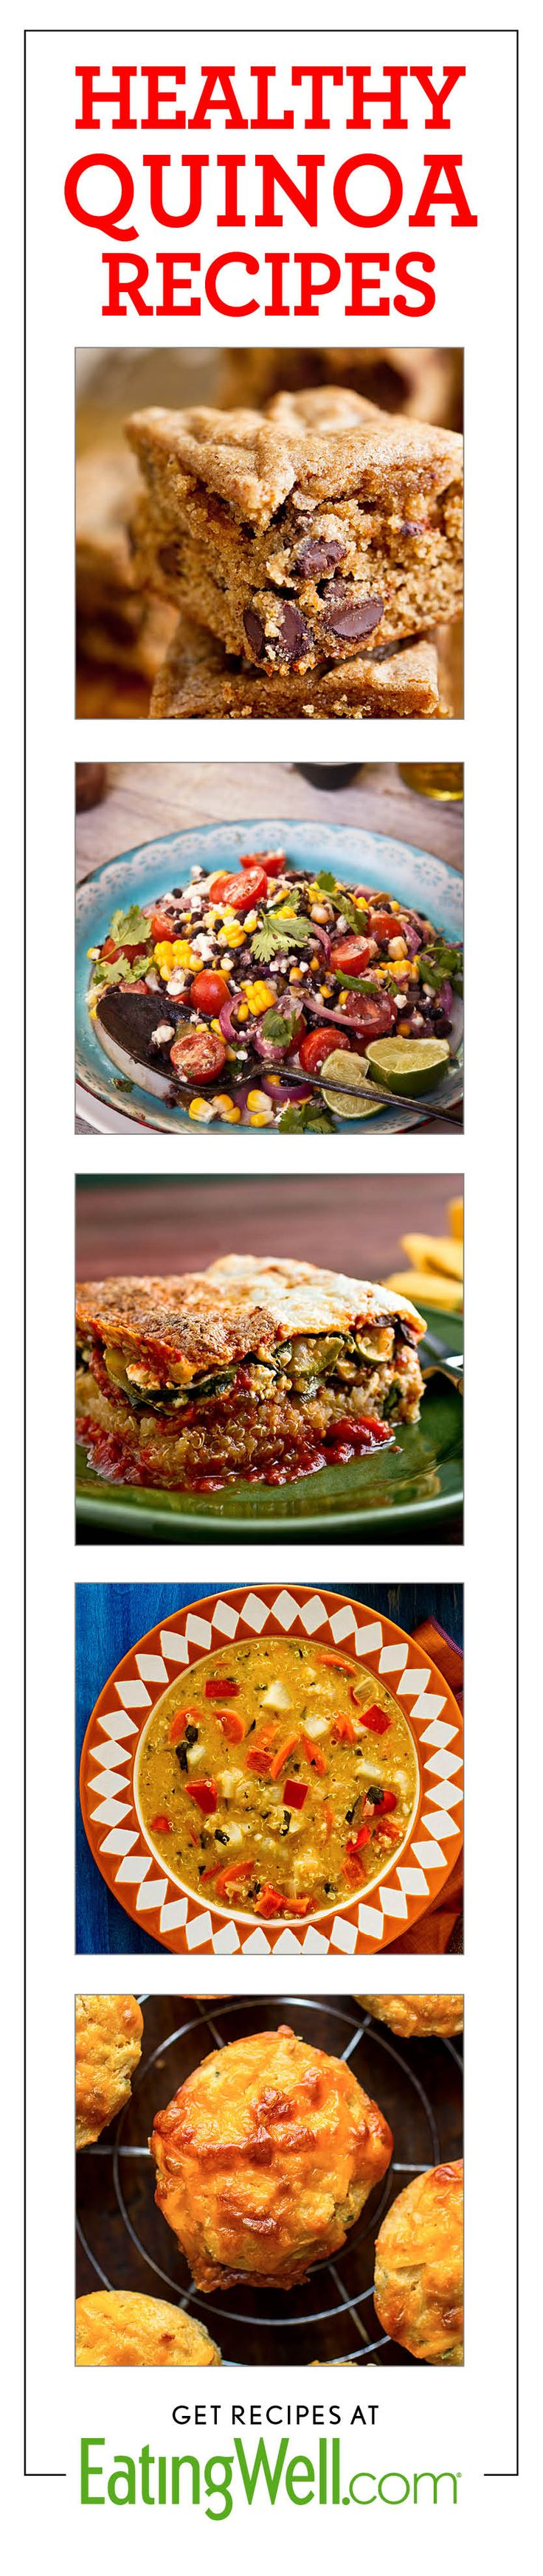 Almond Butter Quinoa Brownies, Quinoa Salads, Quinoa Lasagna, Quinoa Soup, Quinoa Muffins and more healthy quinoa recipes!